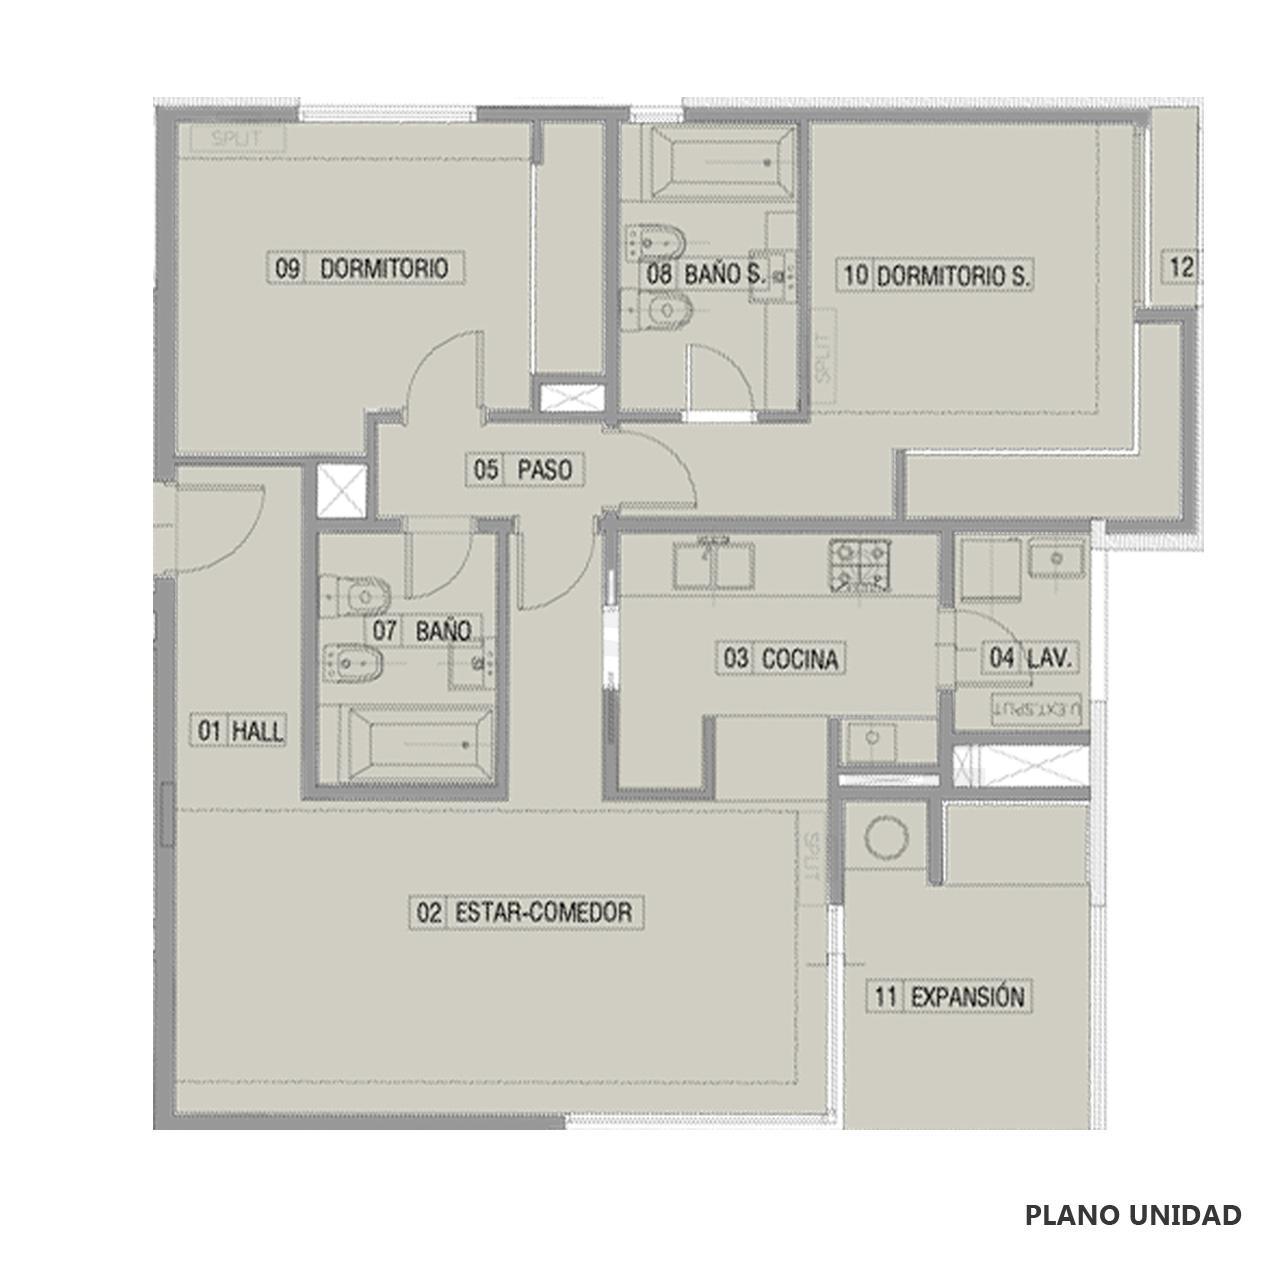 Venta departamento 2 dormitorios Funes, Funes. Cod CBU23049 AP2208543. Crestale Propiedades